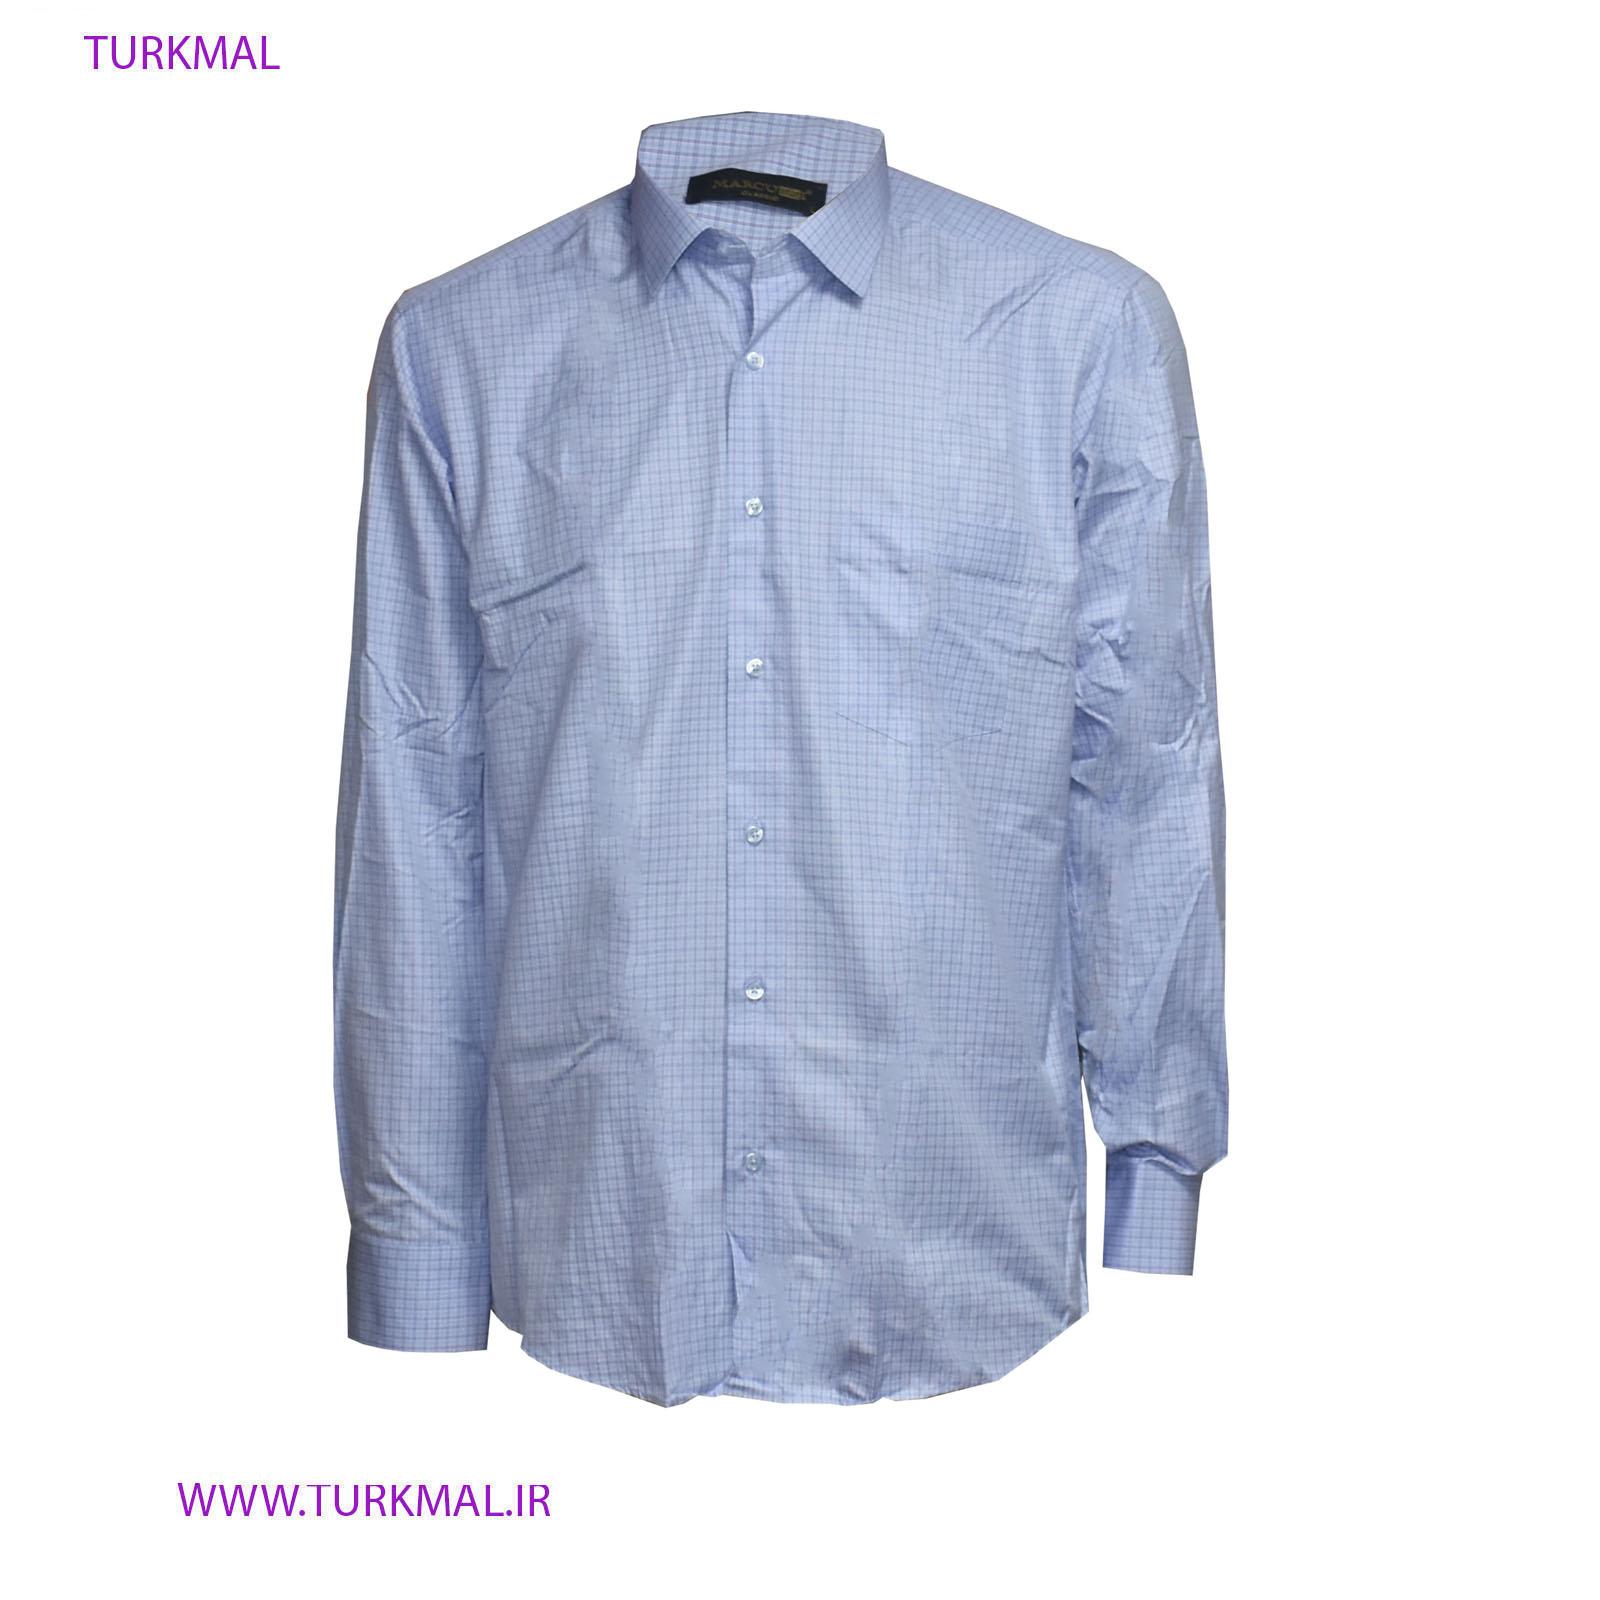 پیراهن مردانه مارکوزی مدل ۵۵۵-MJI